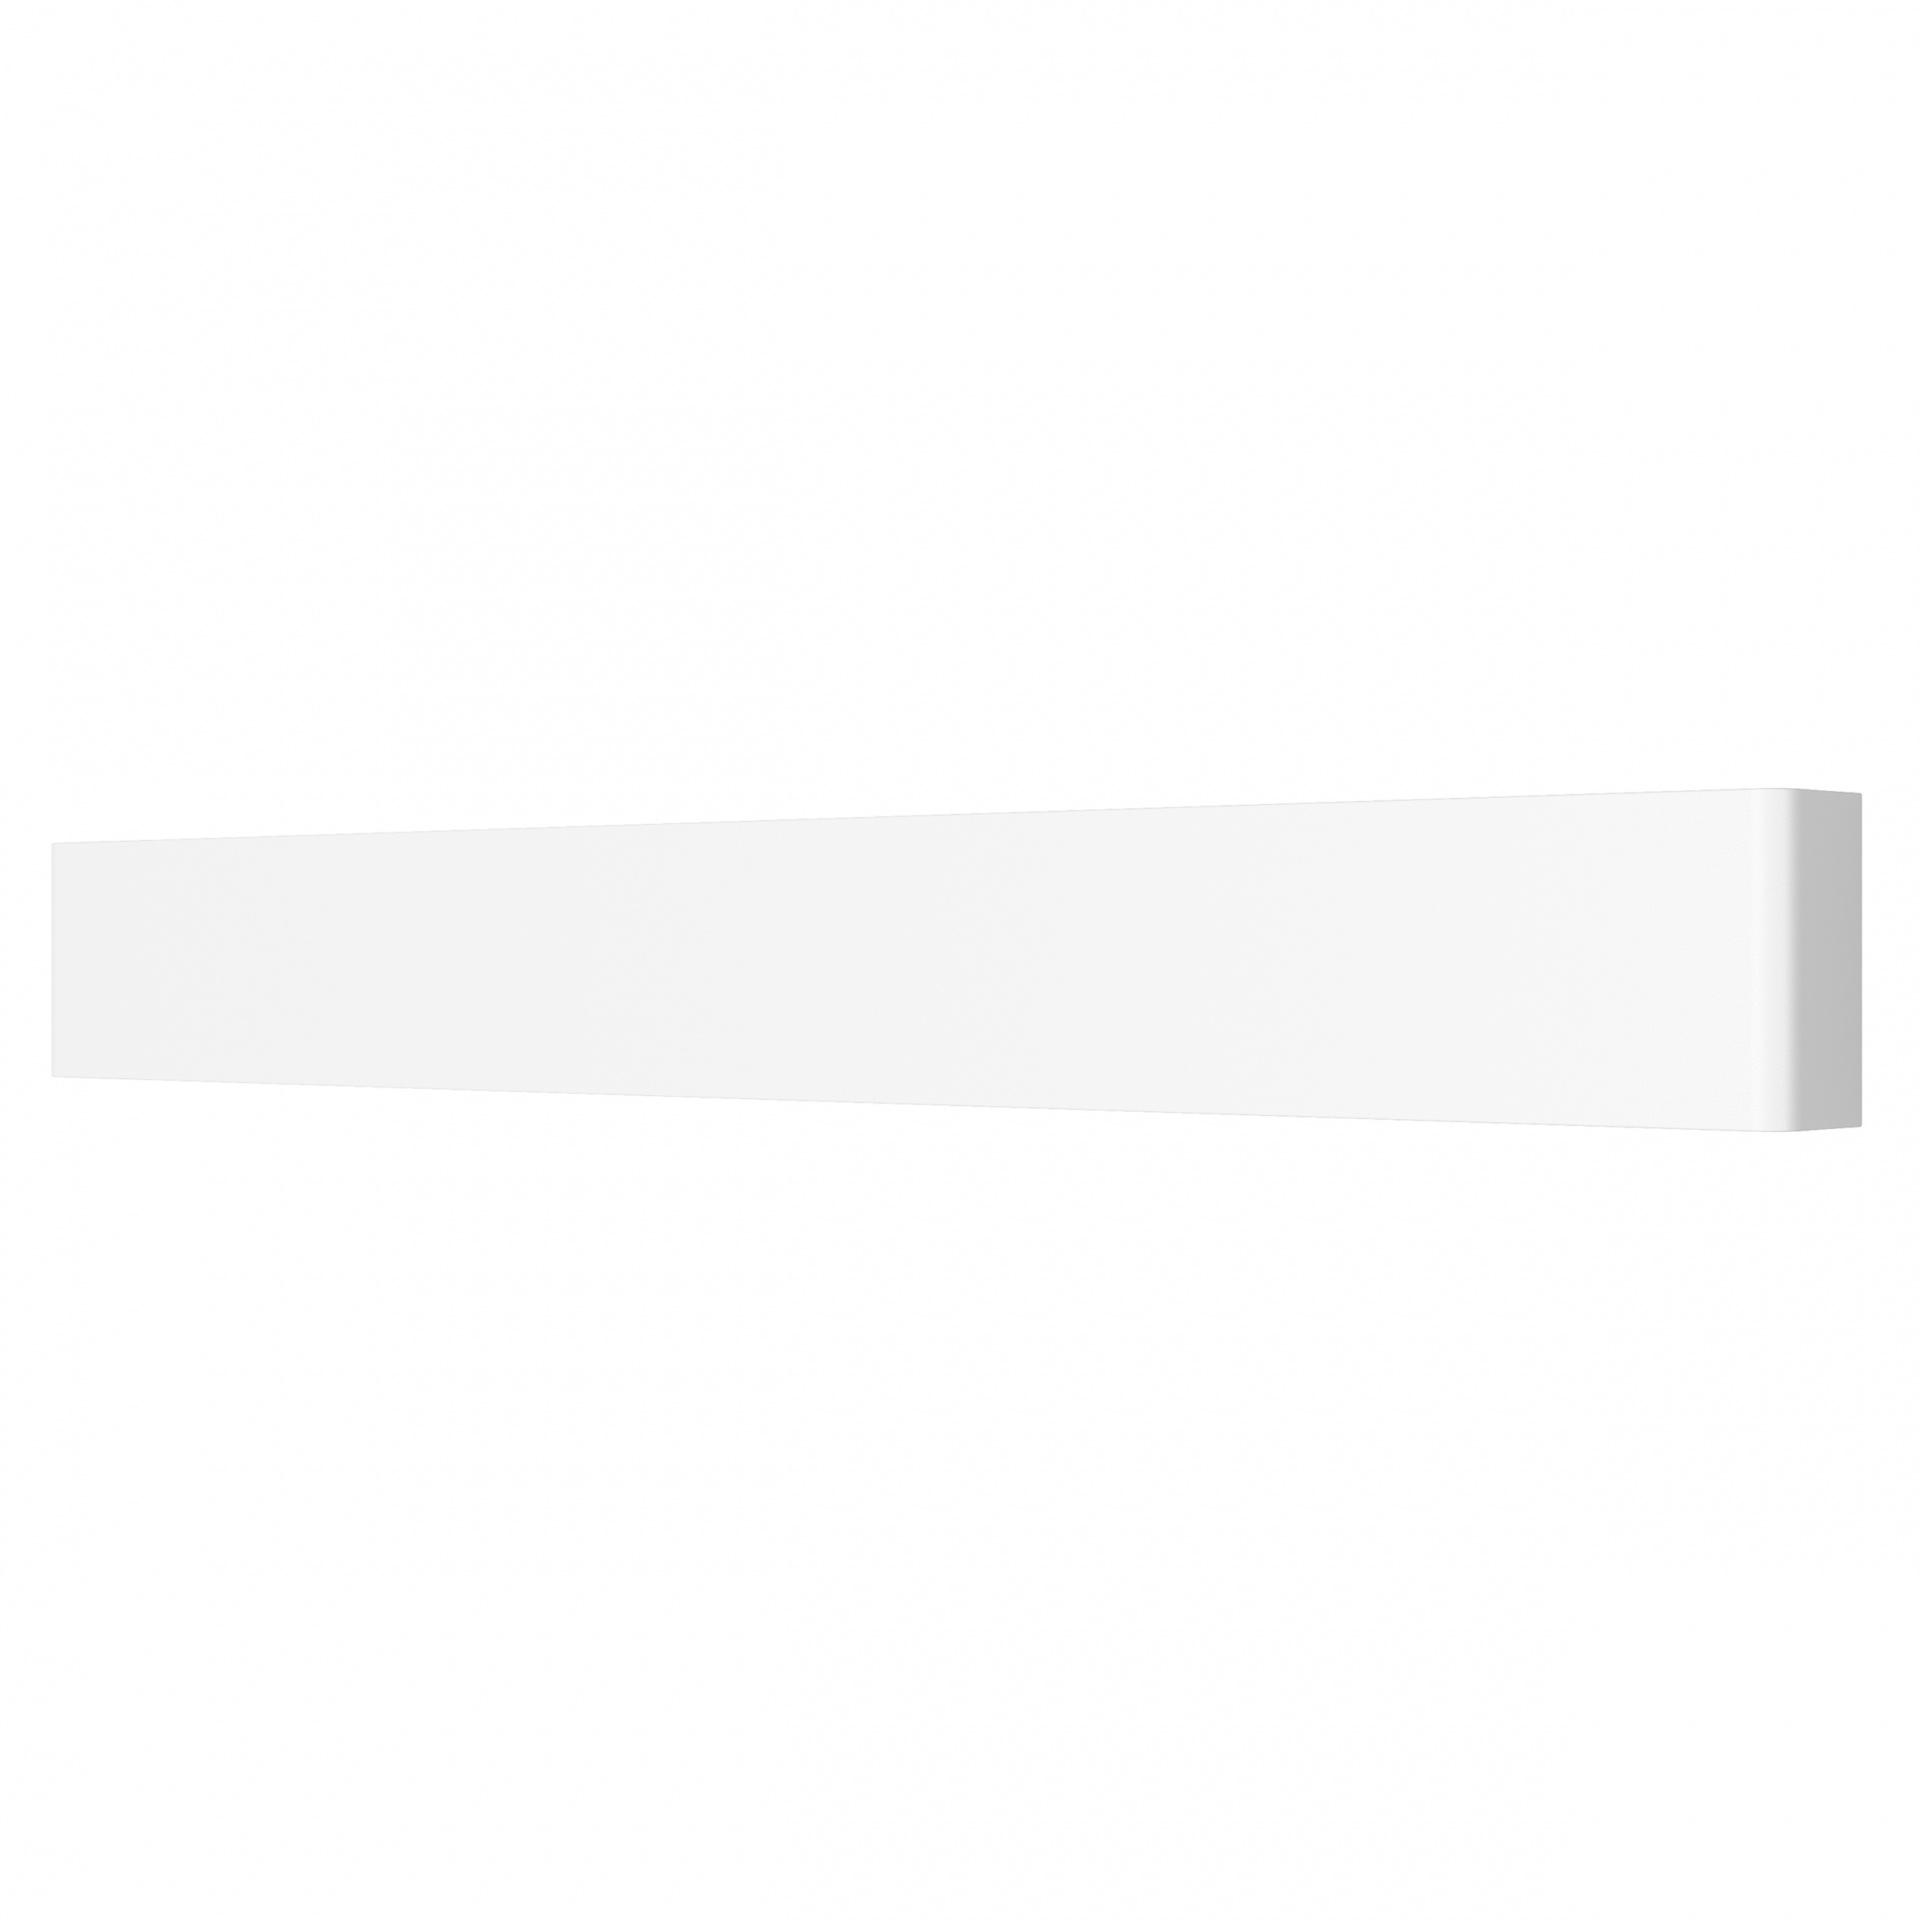 Бра Fiume 20W 1900LM матовый белый 4000K Lightstar 810626, купить в СПб, Москве, с доставкой, Санкт-Петербург, интернет-магазин люстр и светильников Starlight, фото в жизни